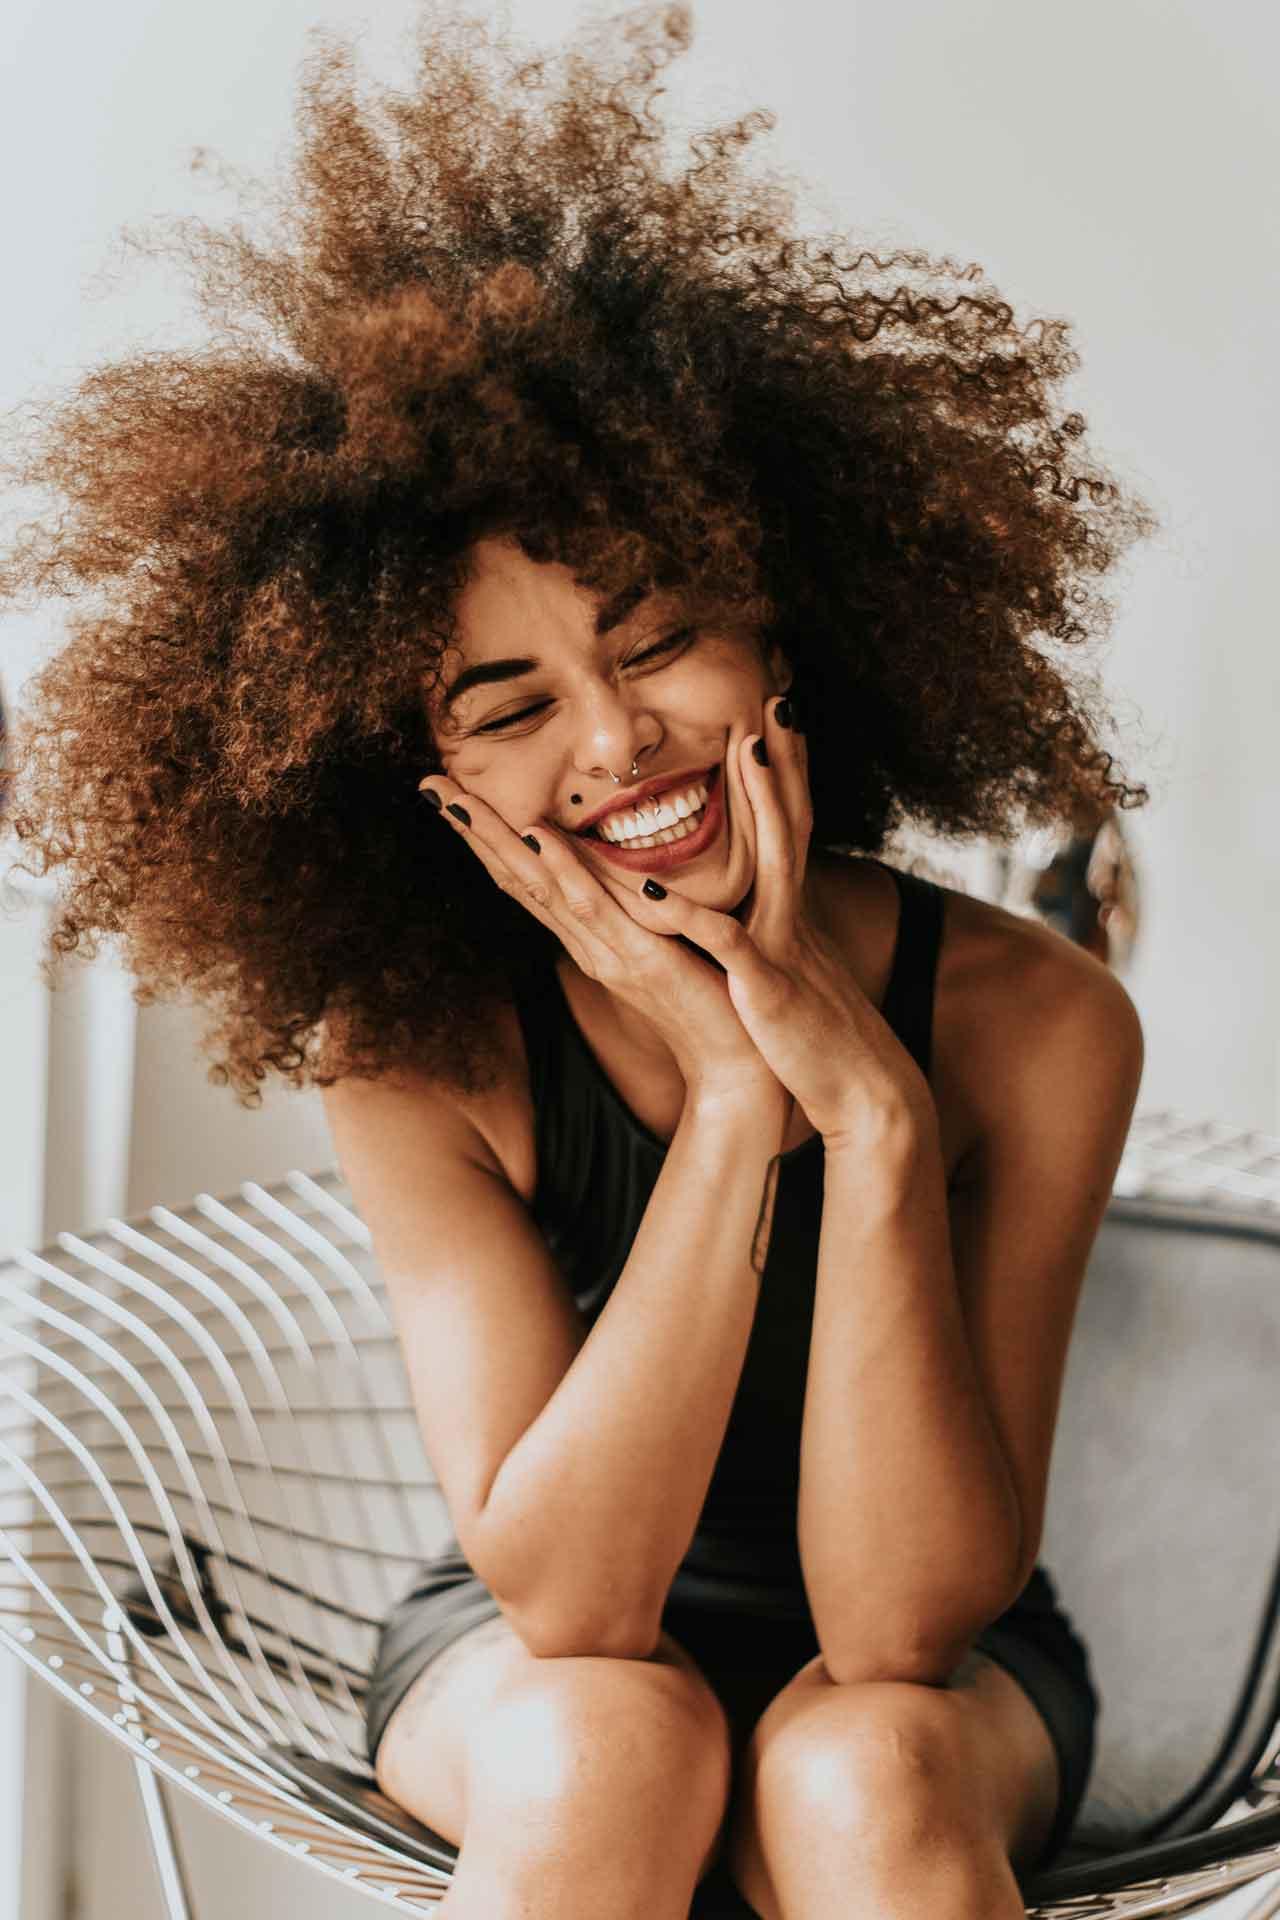 Lachende Frau - Wo ist die Generation Z am Glücklichsten?